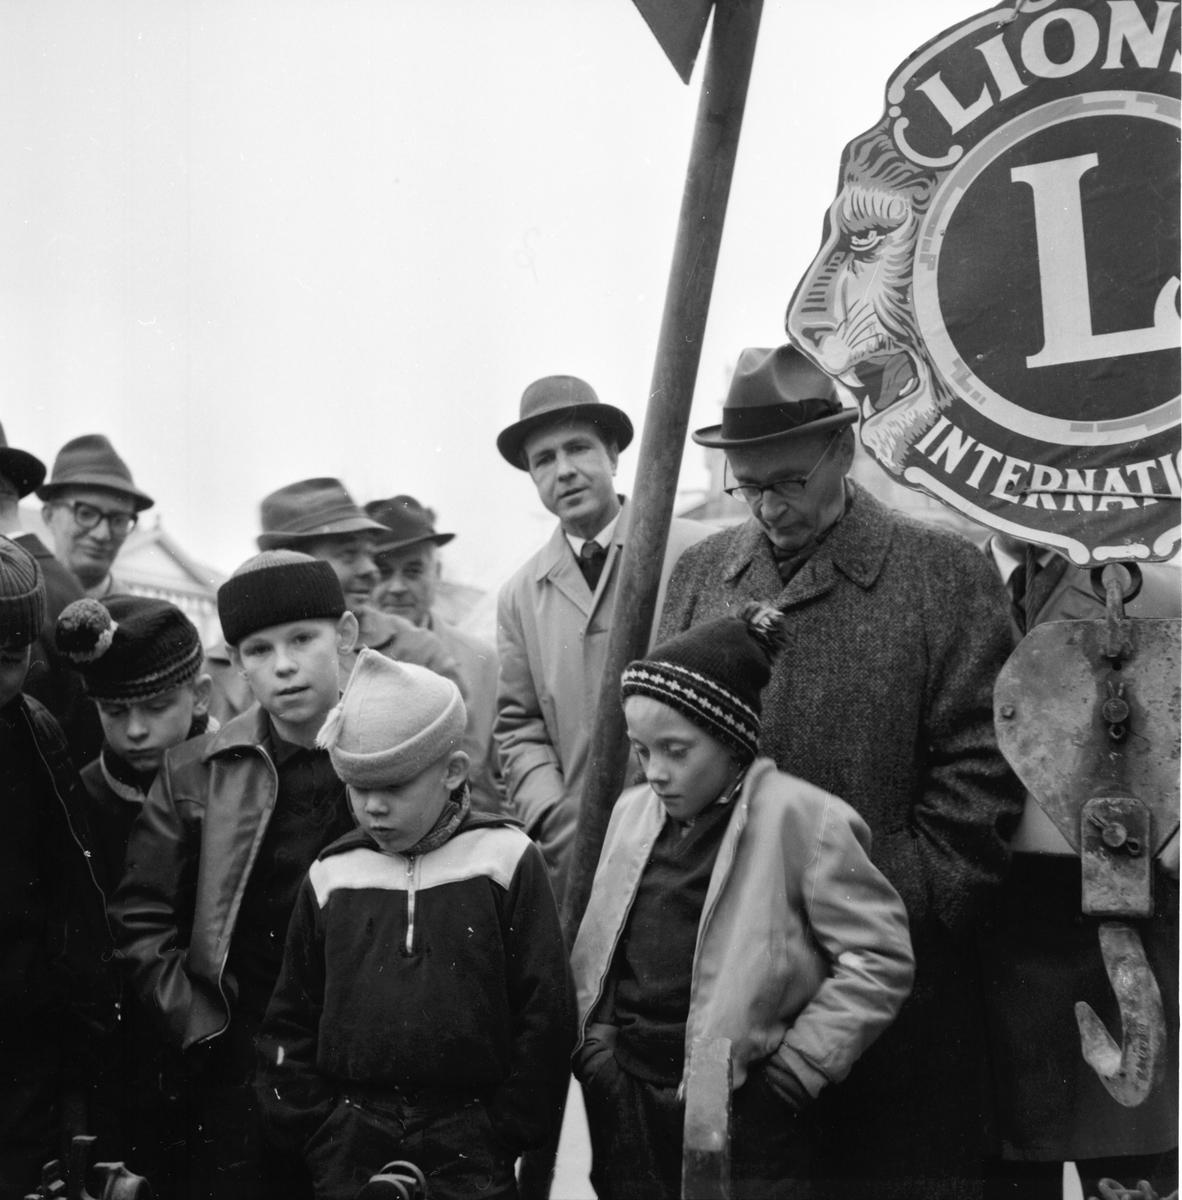 Lion-stenen. April 1962 Maj 2/5 1962